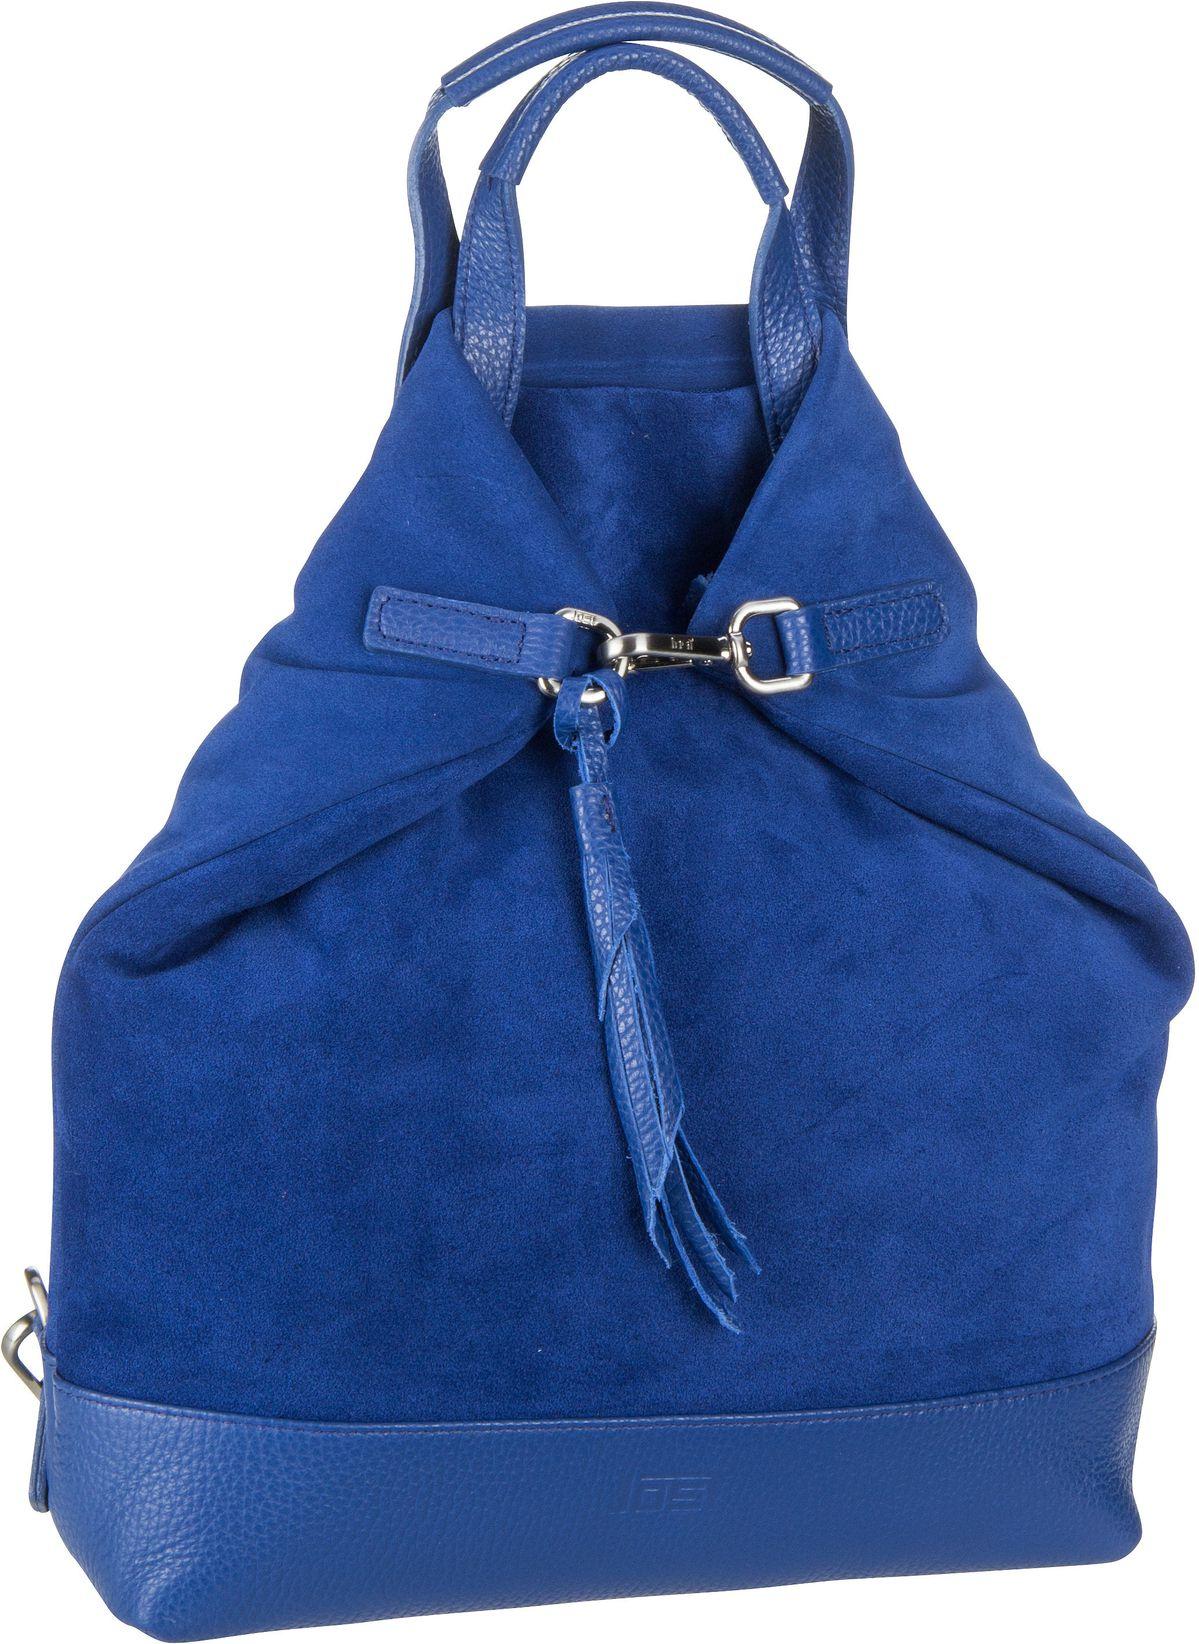 Rucksack / Daypack Motala 1729 X-Change Bag XS Royalblue